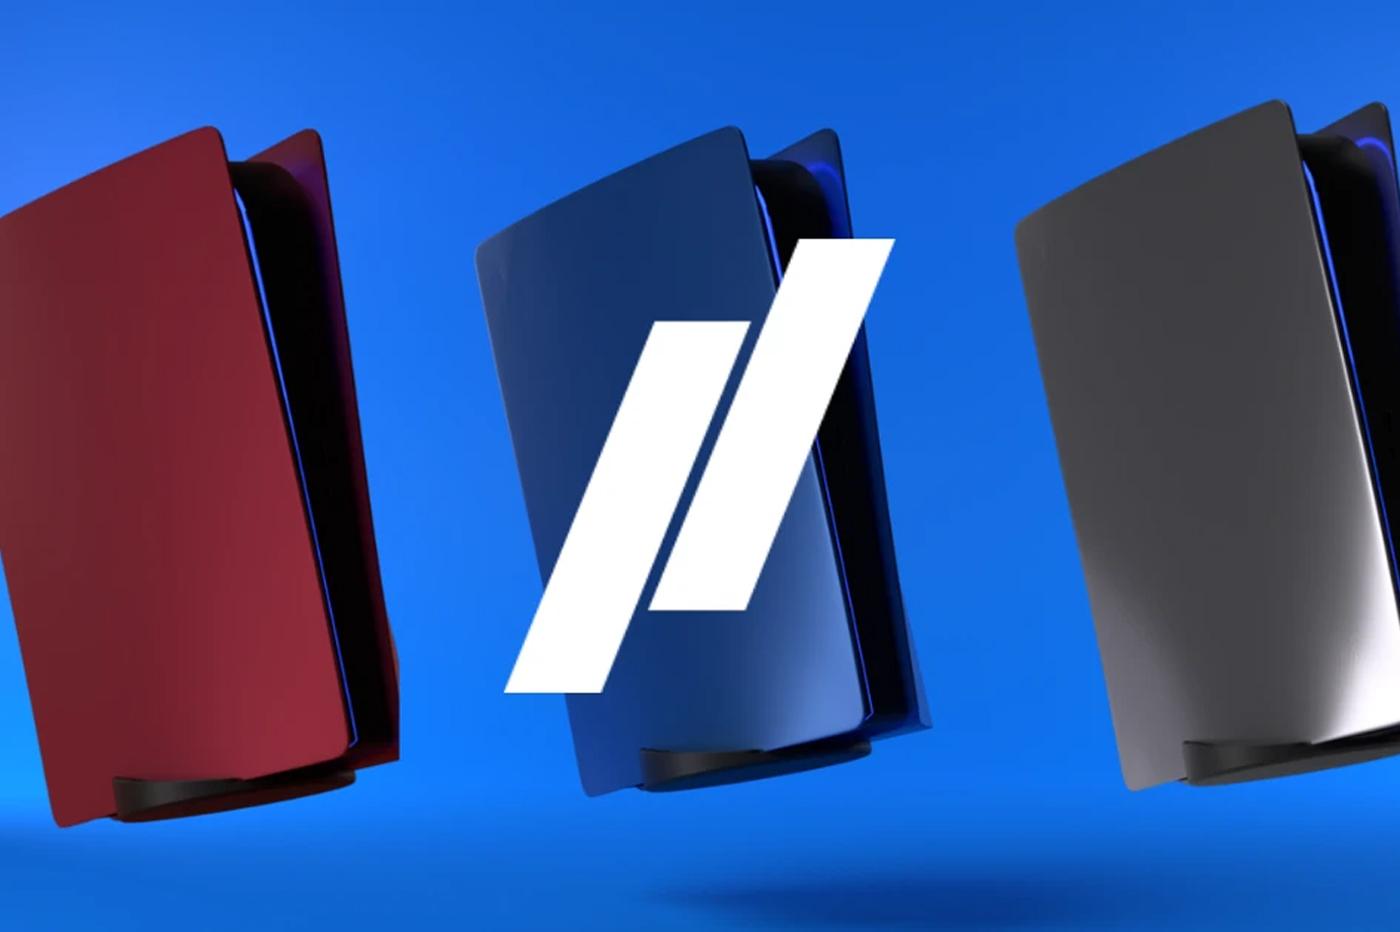 PlayStation 5 PS5 Couleur Noire, Bleue, Rouge, Chrome, Vert Camouflage